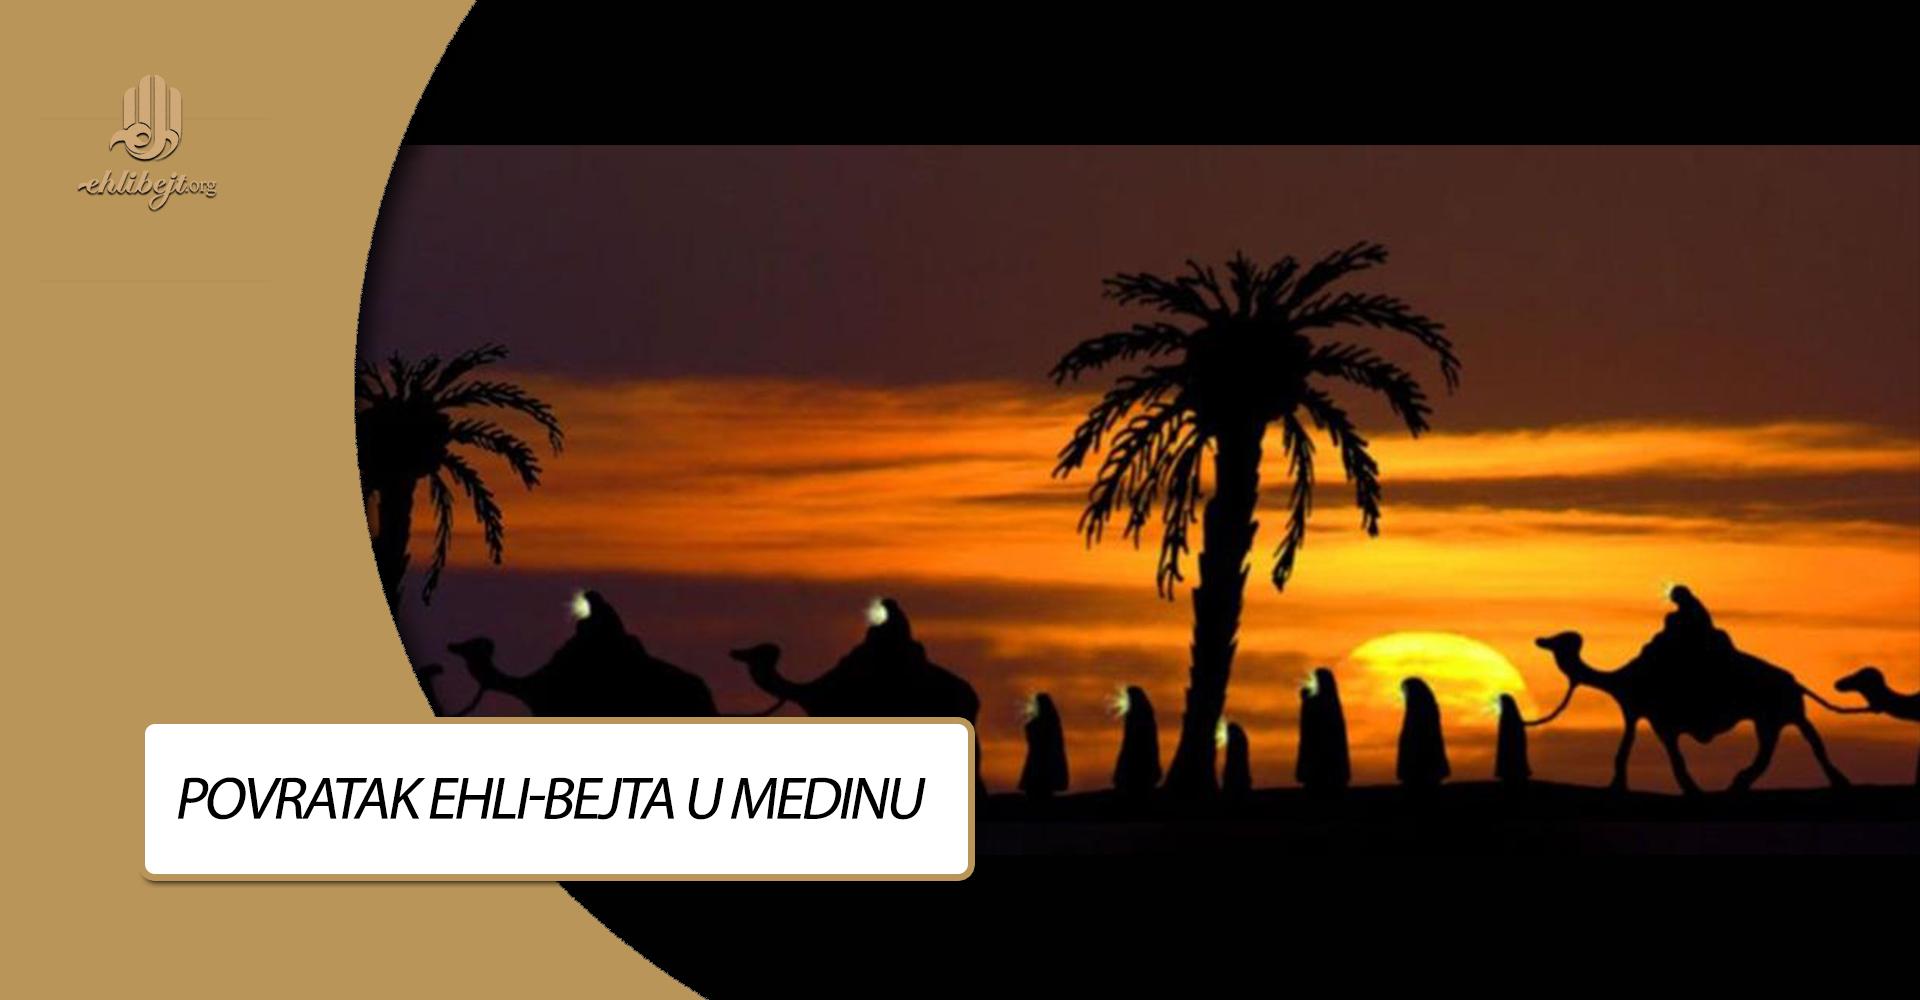 Povratak Ehli-bejta u Medinu